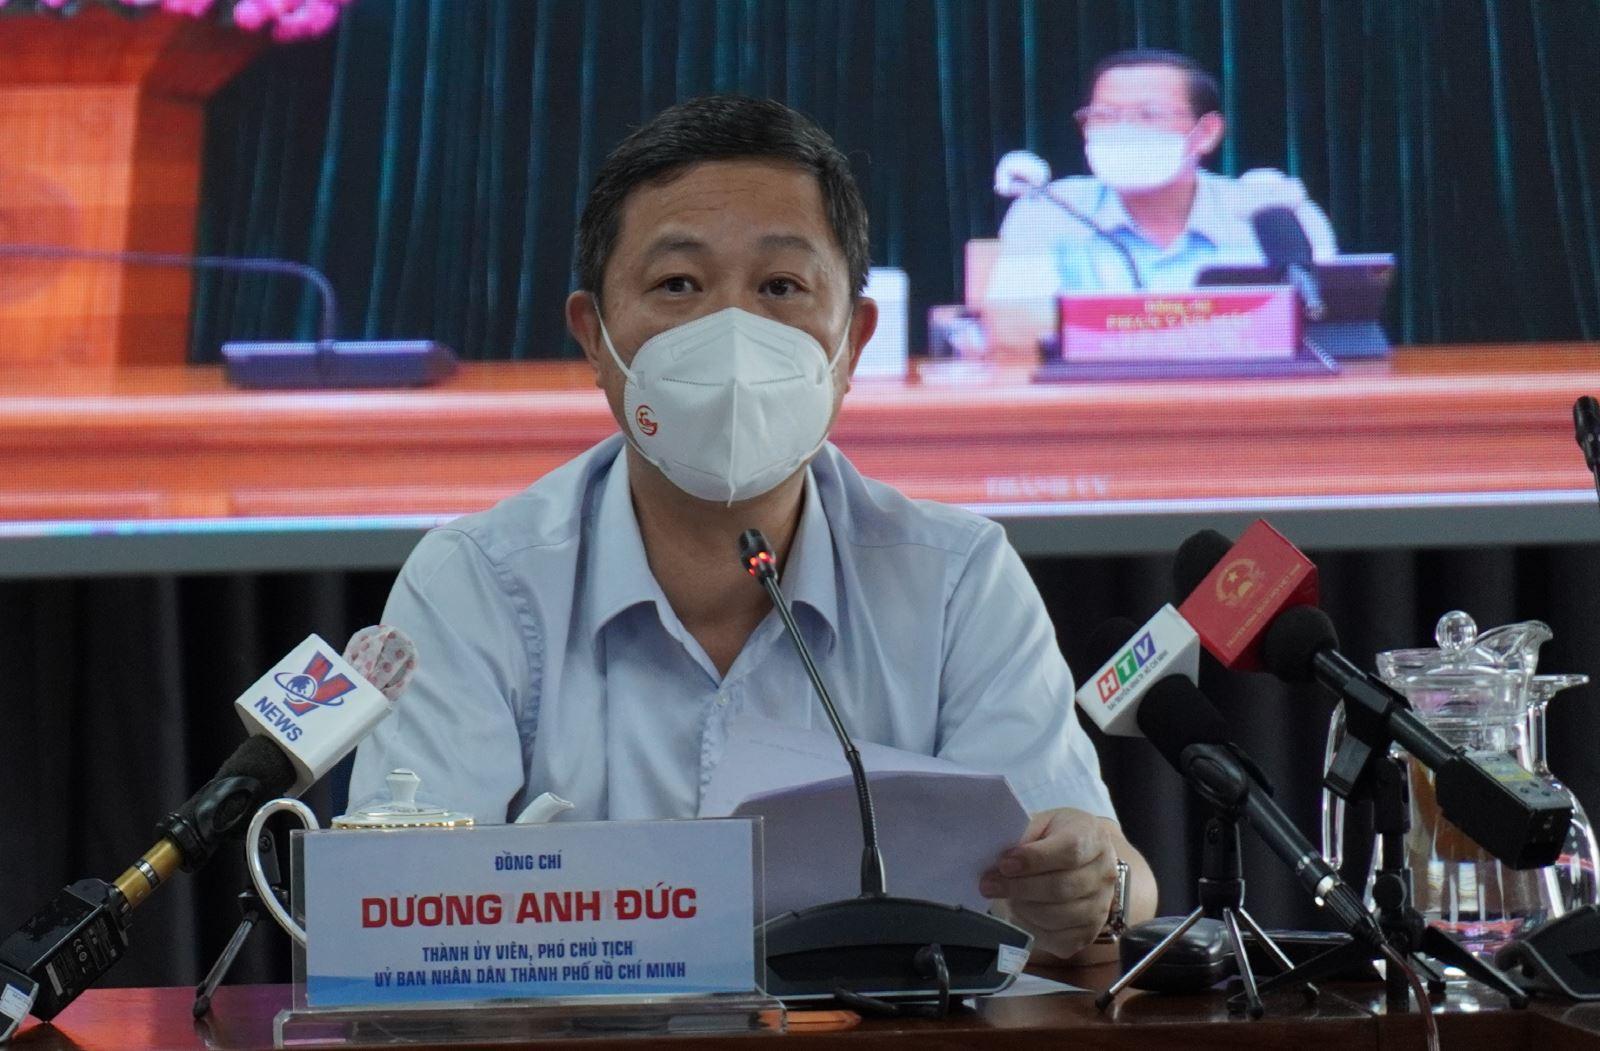 """Sau ngày 15/9, TP Hồ Chí Minh tiếp tục giãn cách xã hội, chưa áp dụng """"thẻ xanh"""" - Ảnh 1."""